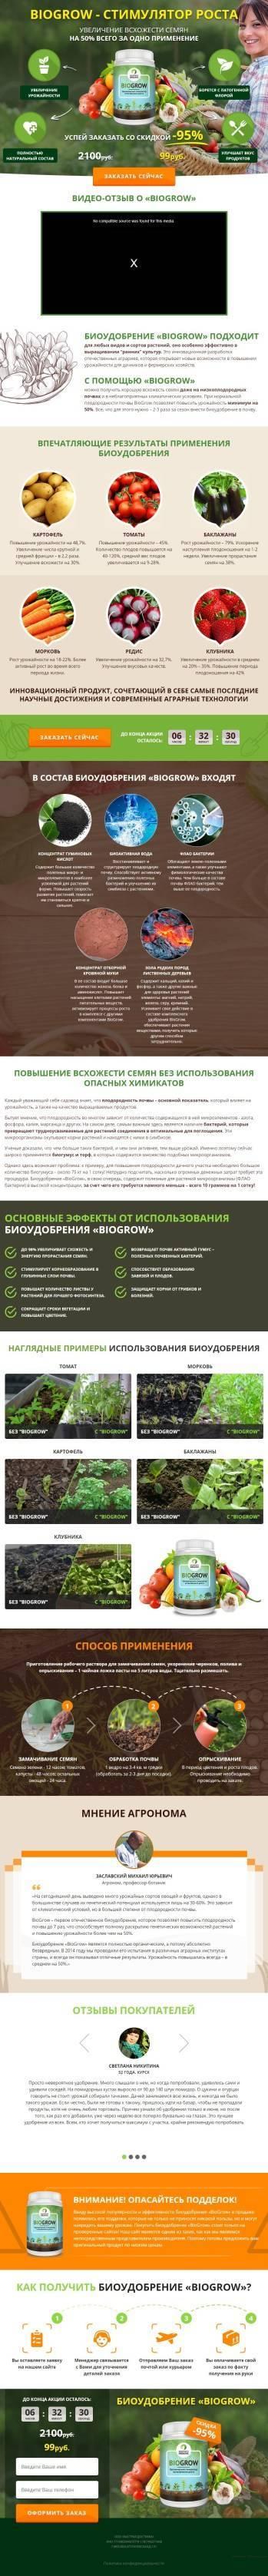 Удобрение biogrow — отзывы